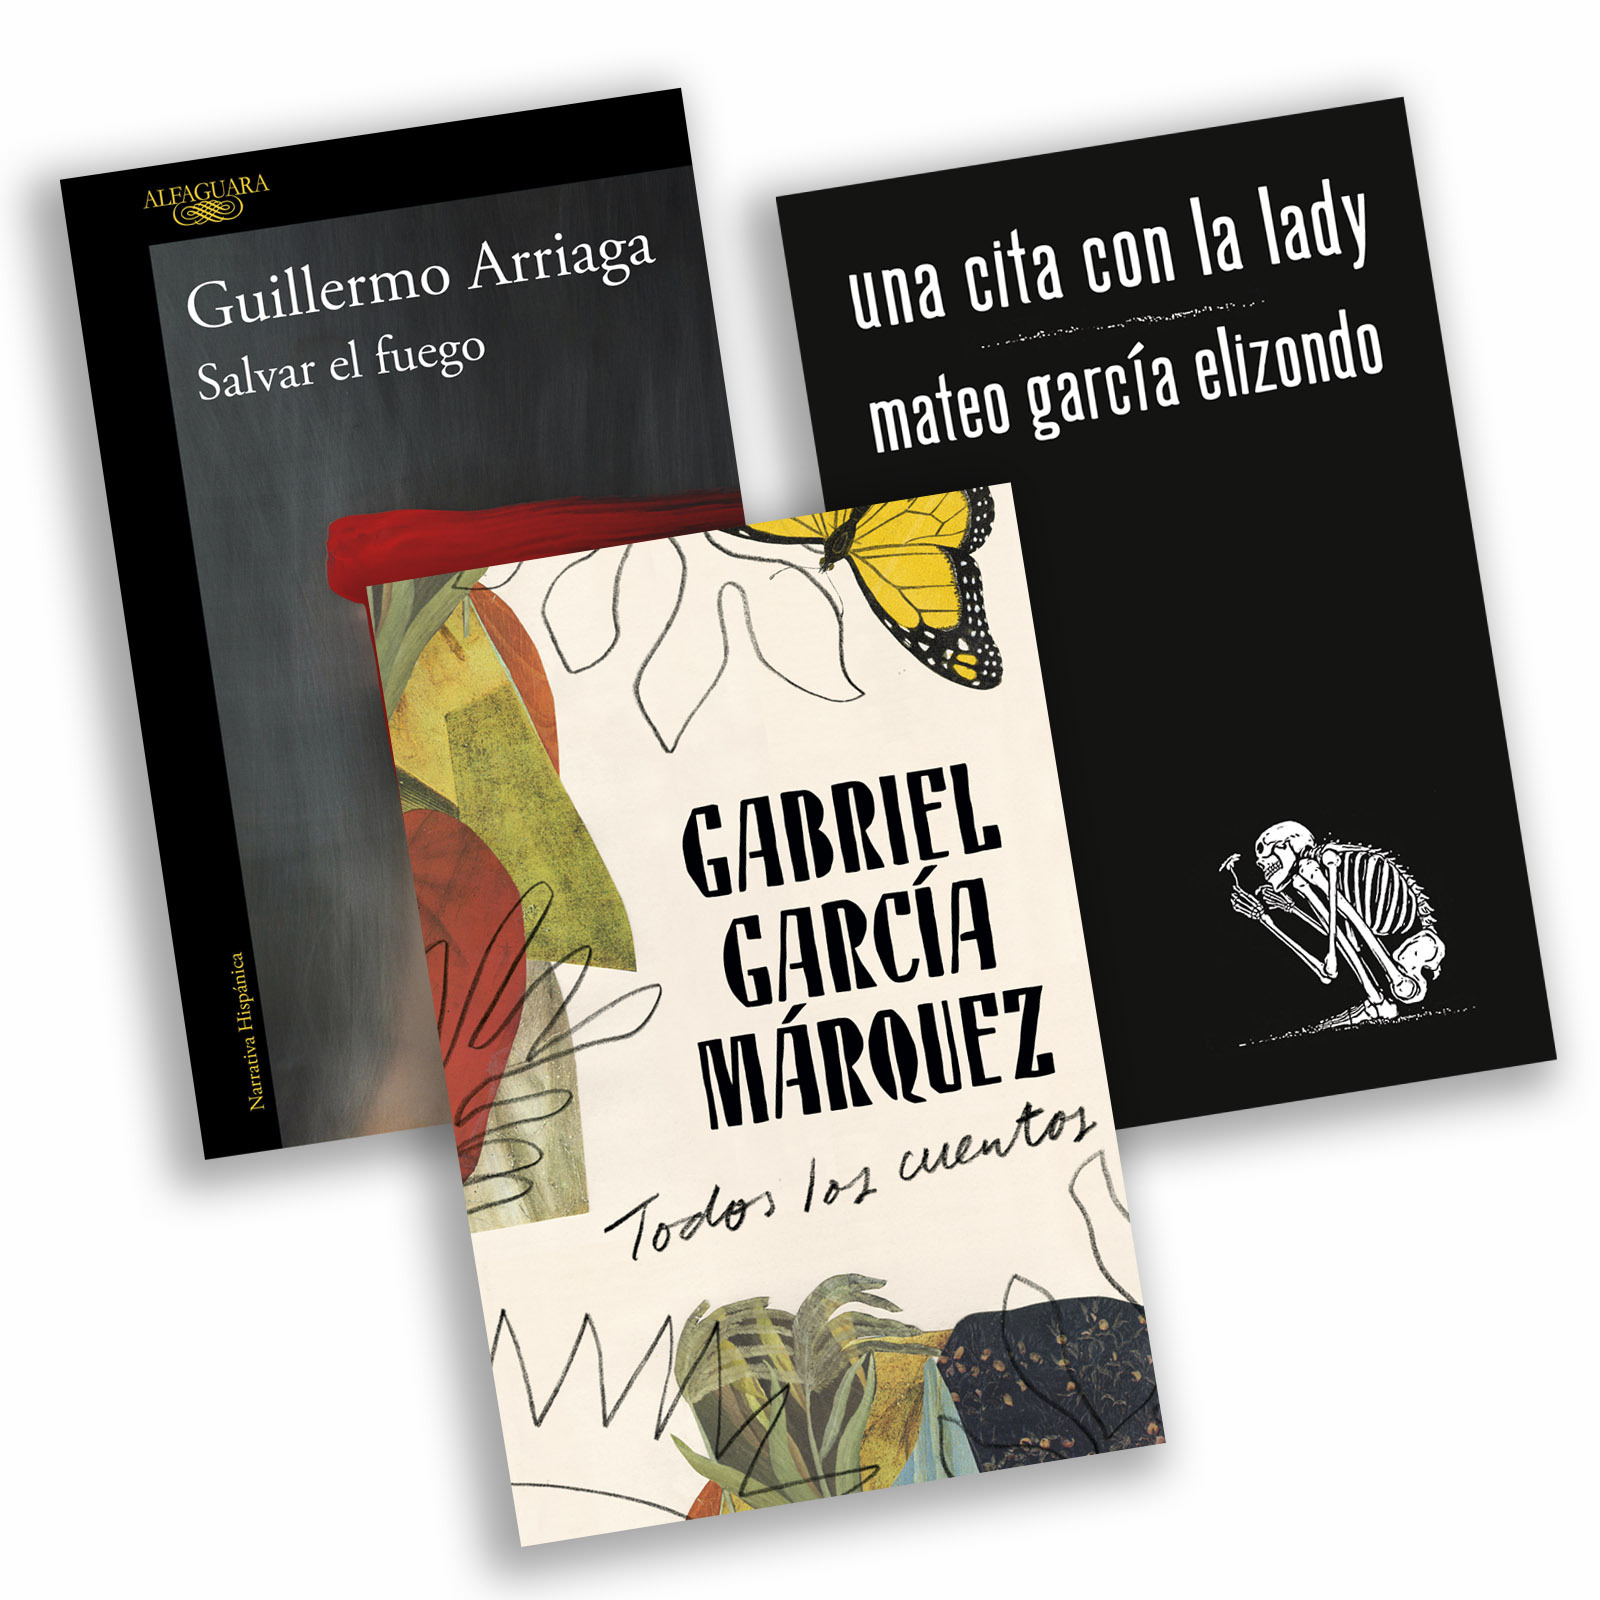 Hot List - libros - books - August 2020 TODOS LOS CUENTOS y UNA CITA CON LA LADY y SALVAR EL FUEGO